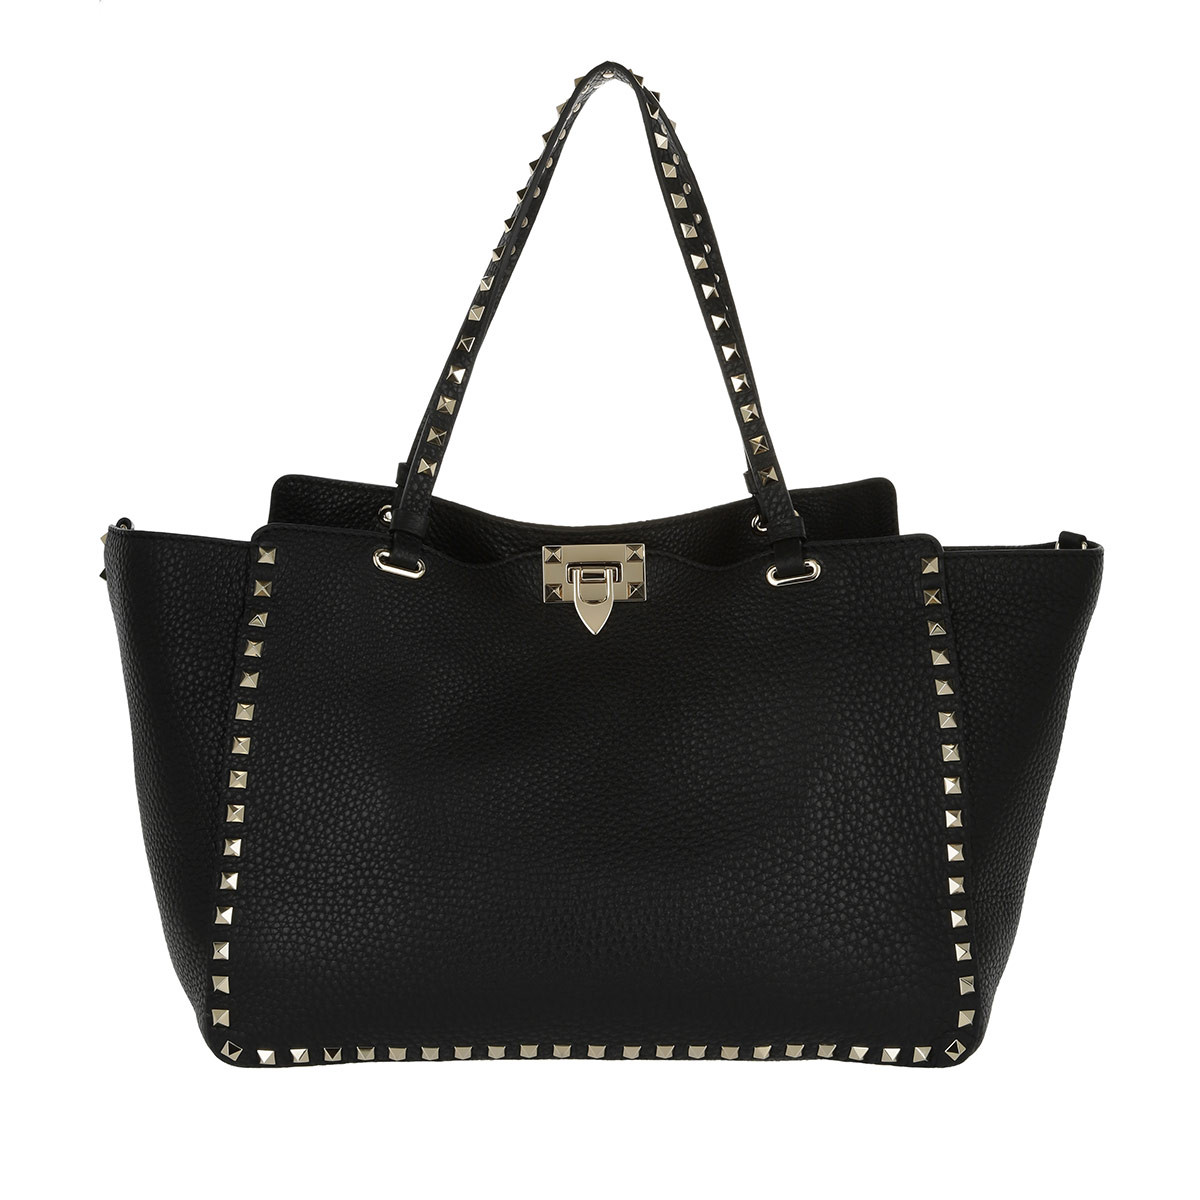 Valentino Shopper - Rockstud Shopping Bag Nero - in schwarz - für Damen